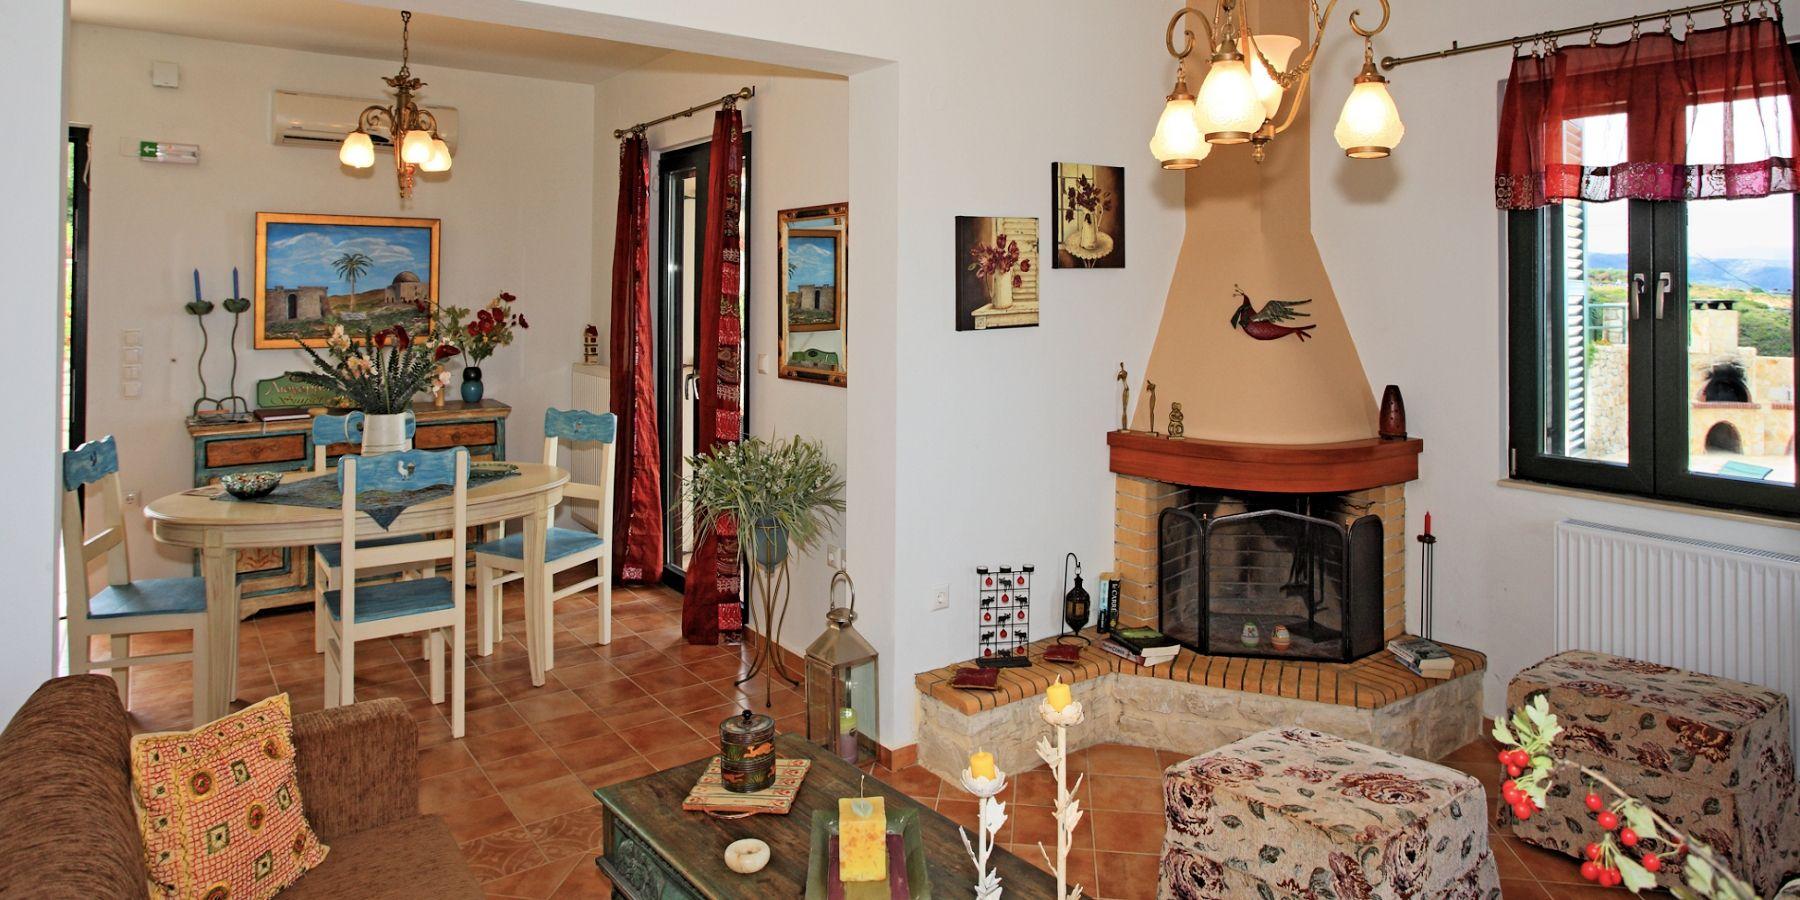 Ferienhäuser in Rethymnon Ferienhaus auf Kreta mieten Ferienhaus in ...